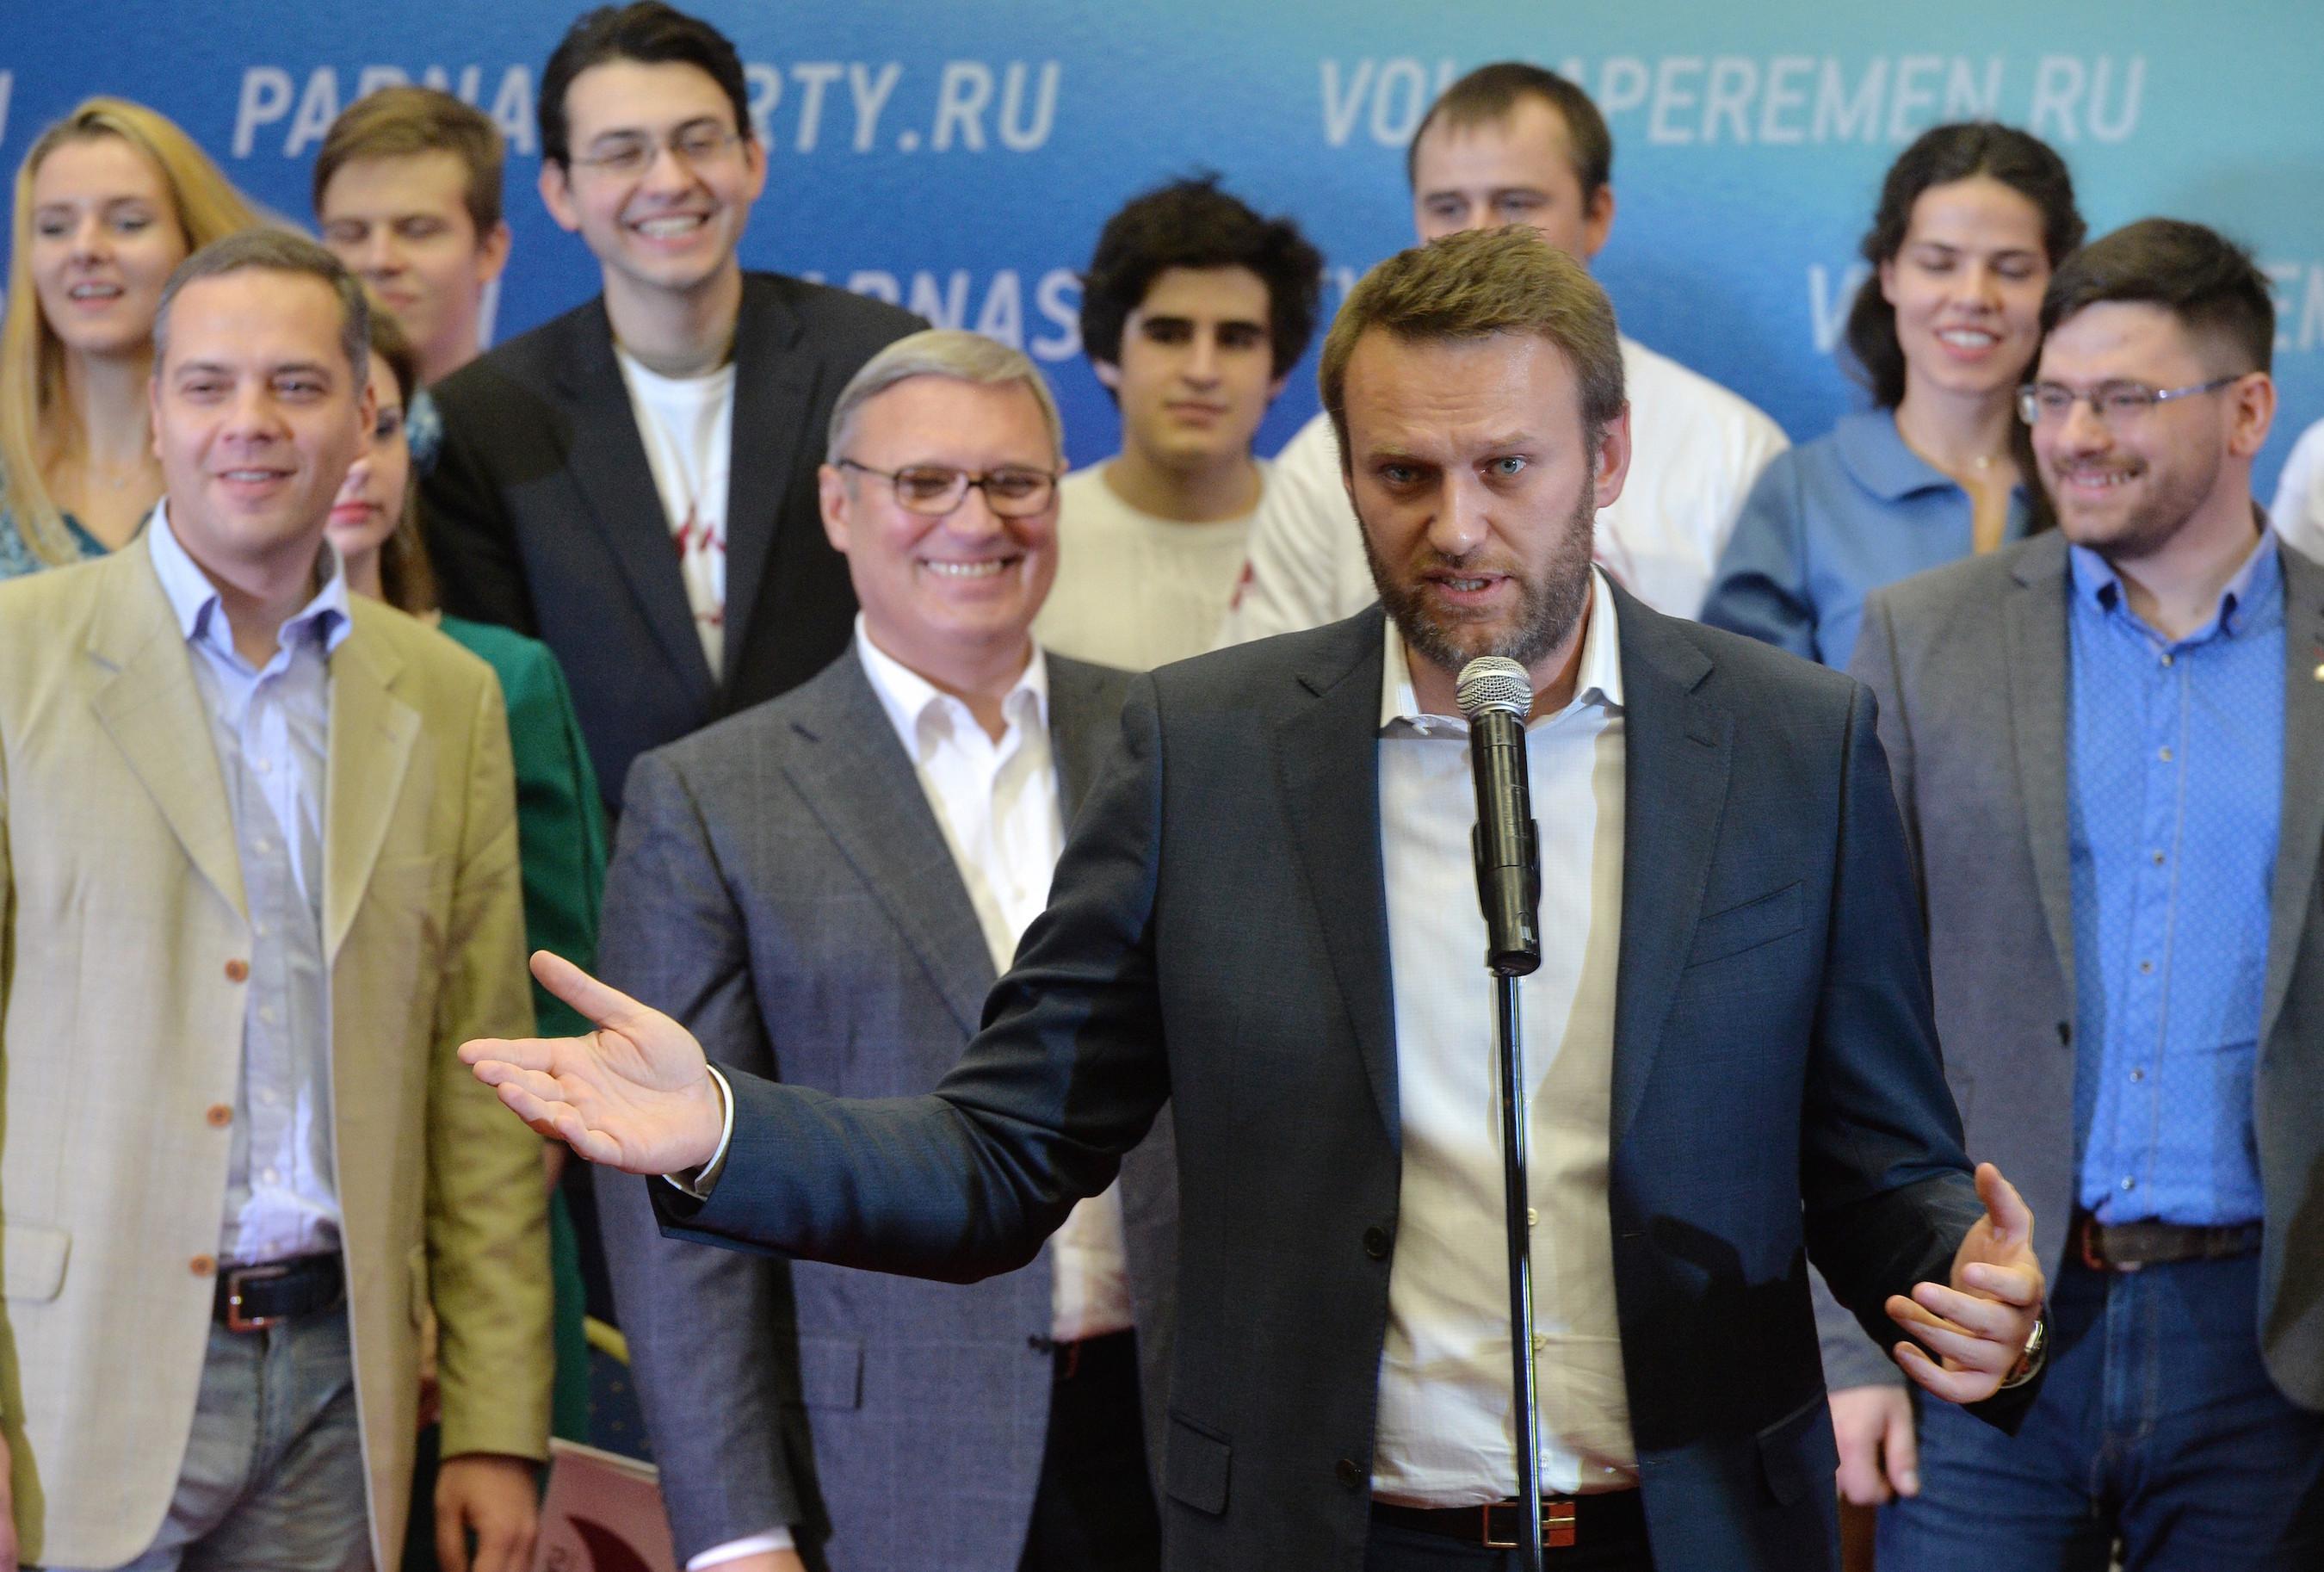 Da lachen sie noch – Vertreter der Demokratischen Koalition im Dezember 2015. Am Mikrofon Alexej Nawalny, links daneben Michail Kassjanow (PARNAS), ganz links Wladimir Milow (Demokratische Wahl). Foto © Juri Martjanow/Kommersant